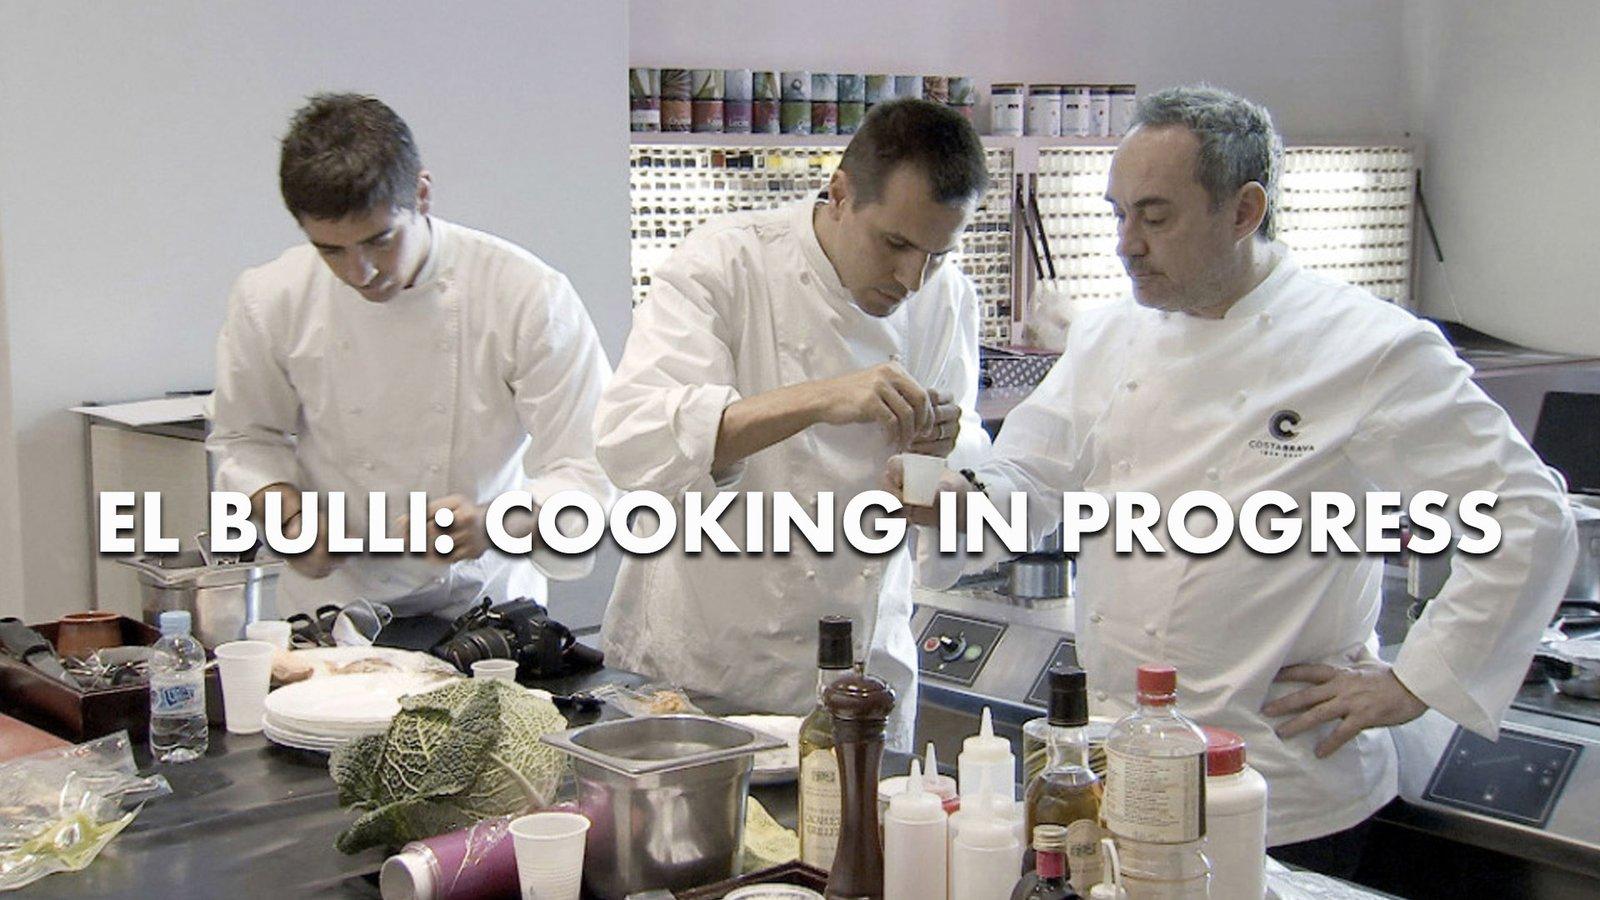 El Bulli: Cooking In Progress - Renowned Spanish Chef Ferran Adrià